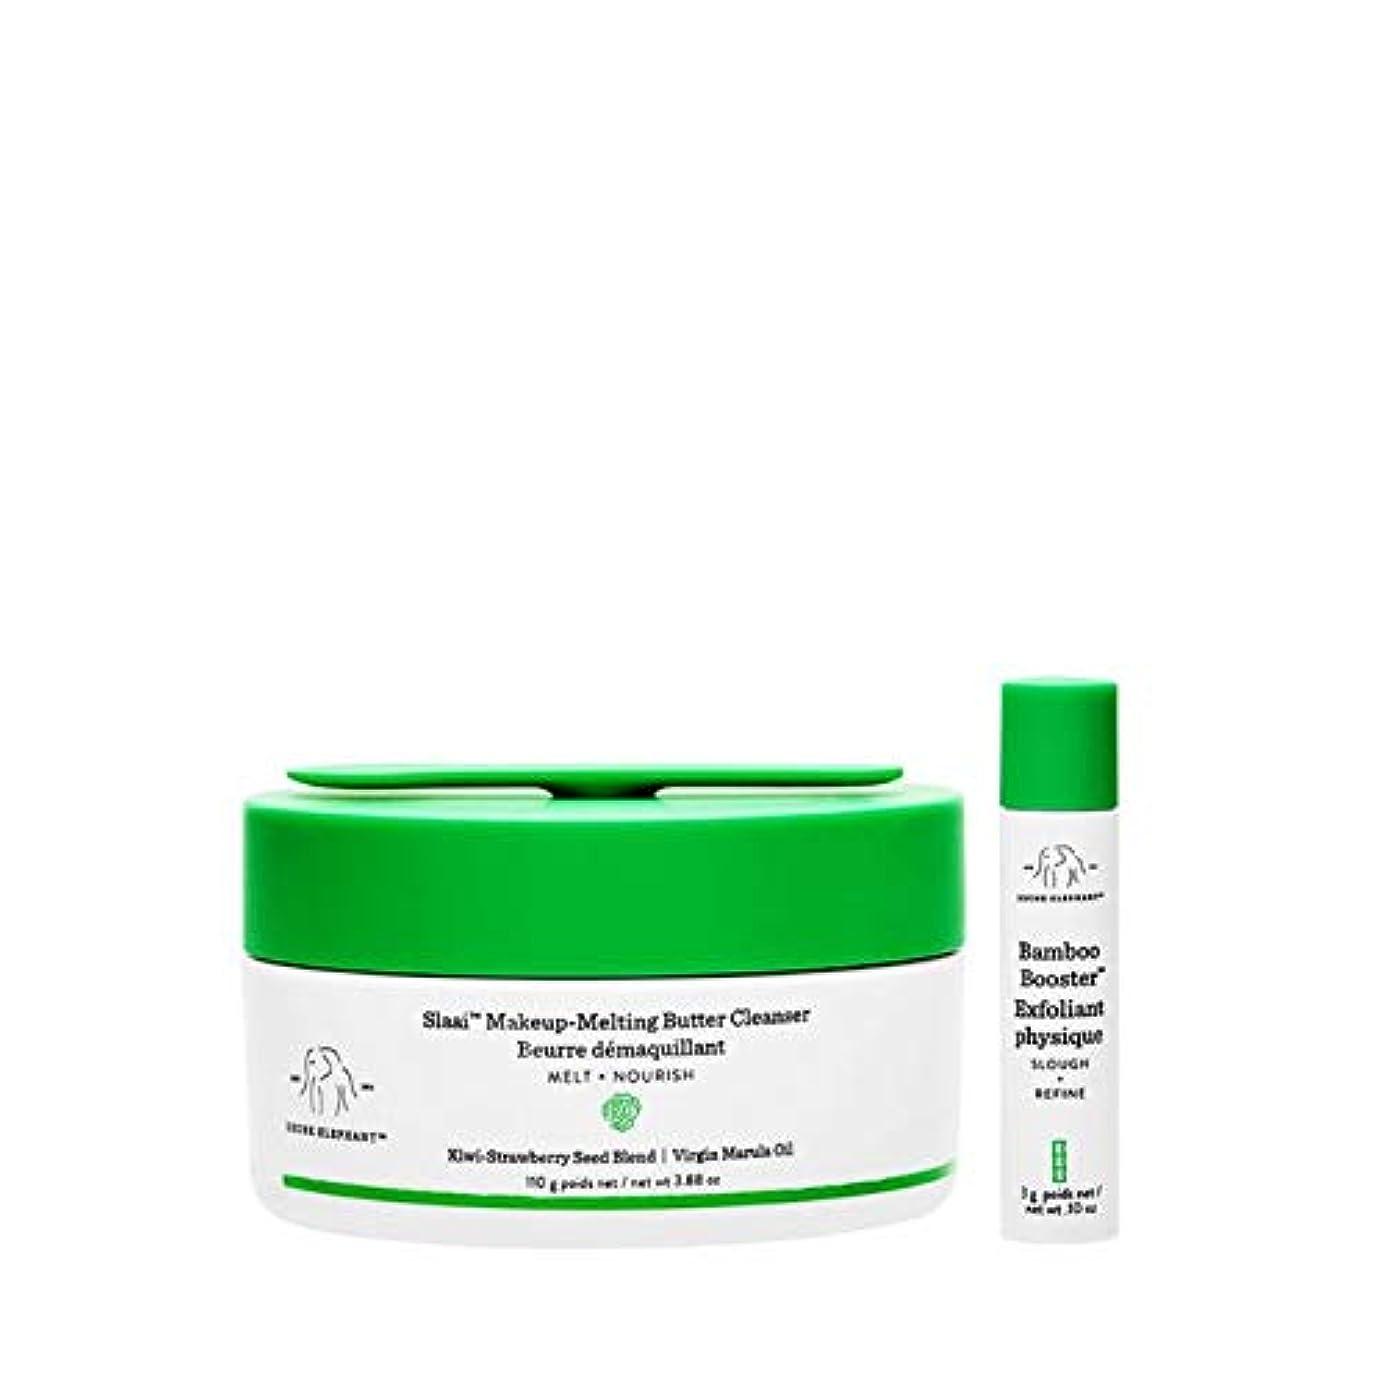 再編成する特に祈るDRUNK ELEPHANT Slaai Makeup-Melting Butter Cleanser ドランクエレファント スラエー メーカップ メルティング バター クレンザー 110g